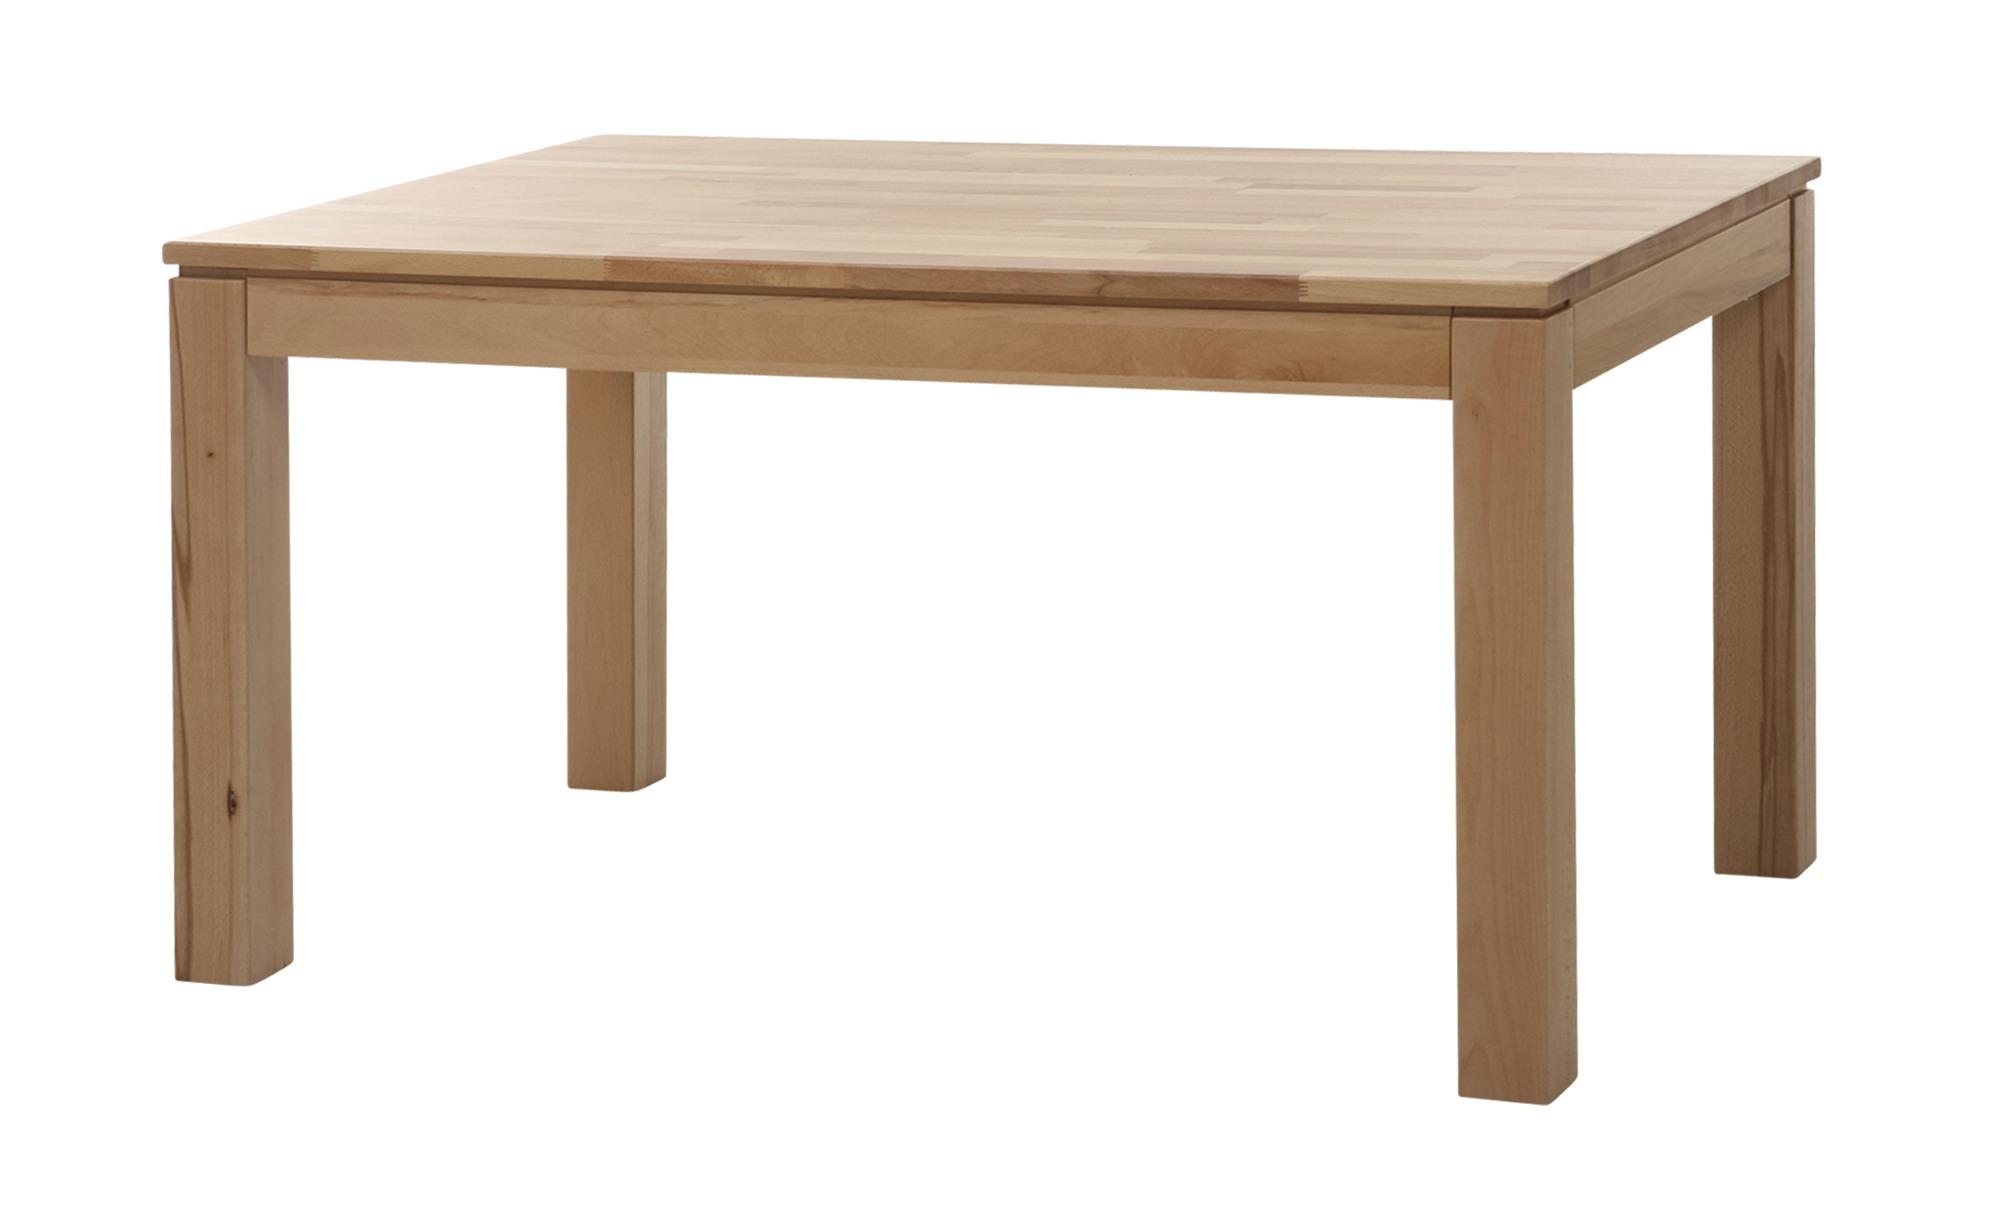 Woodford Esstisch ausziehbar  Sascha ¦ holzfarben ¦ Maße (cm): B: 90 H: 75 Tische > Esstische > Esstische massiv - Höffner